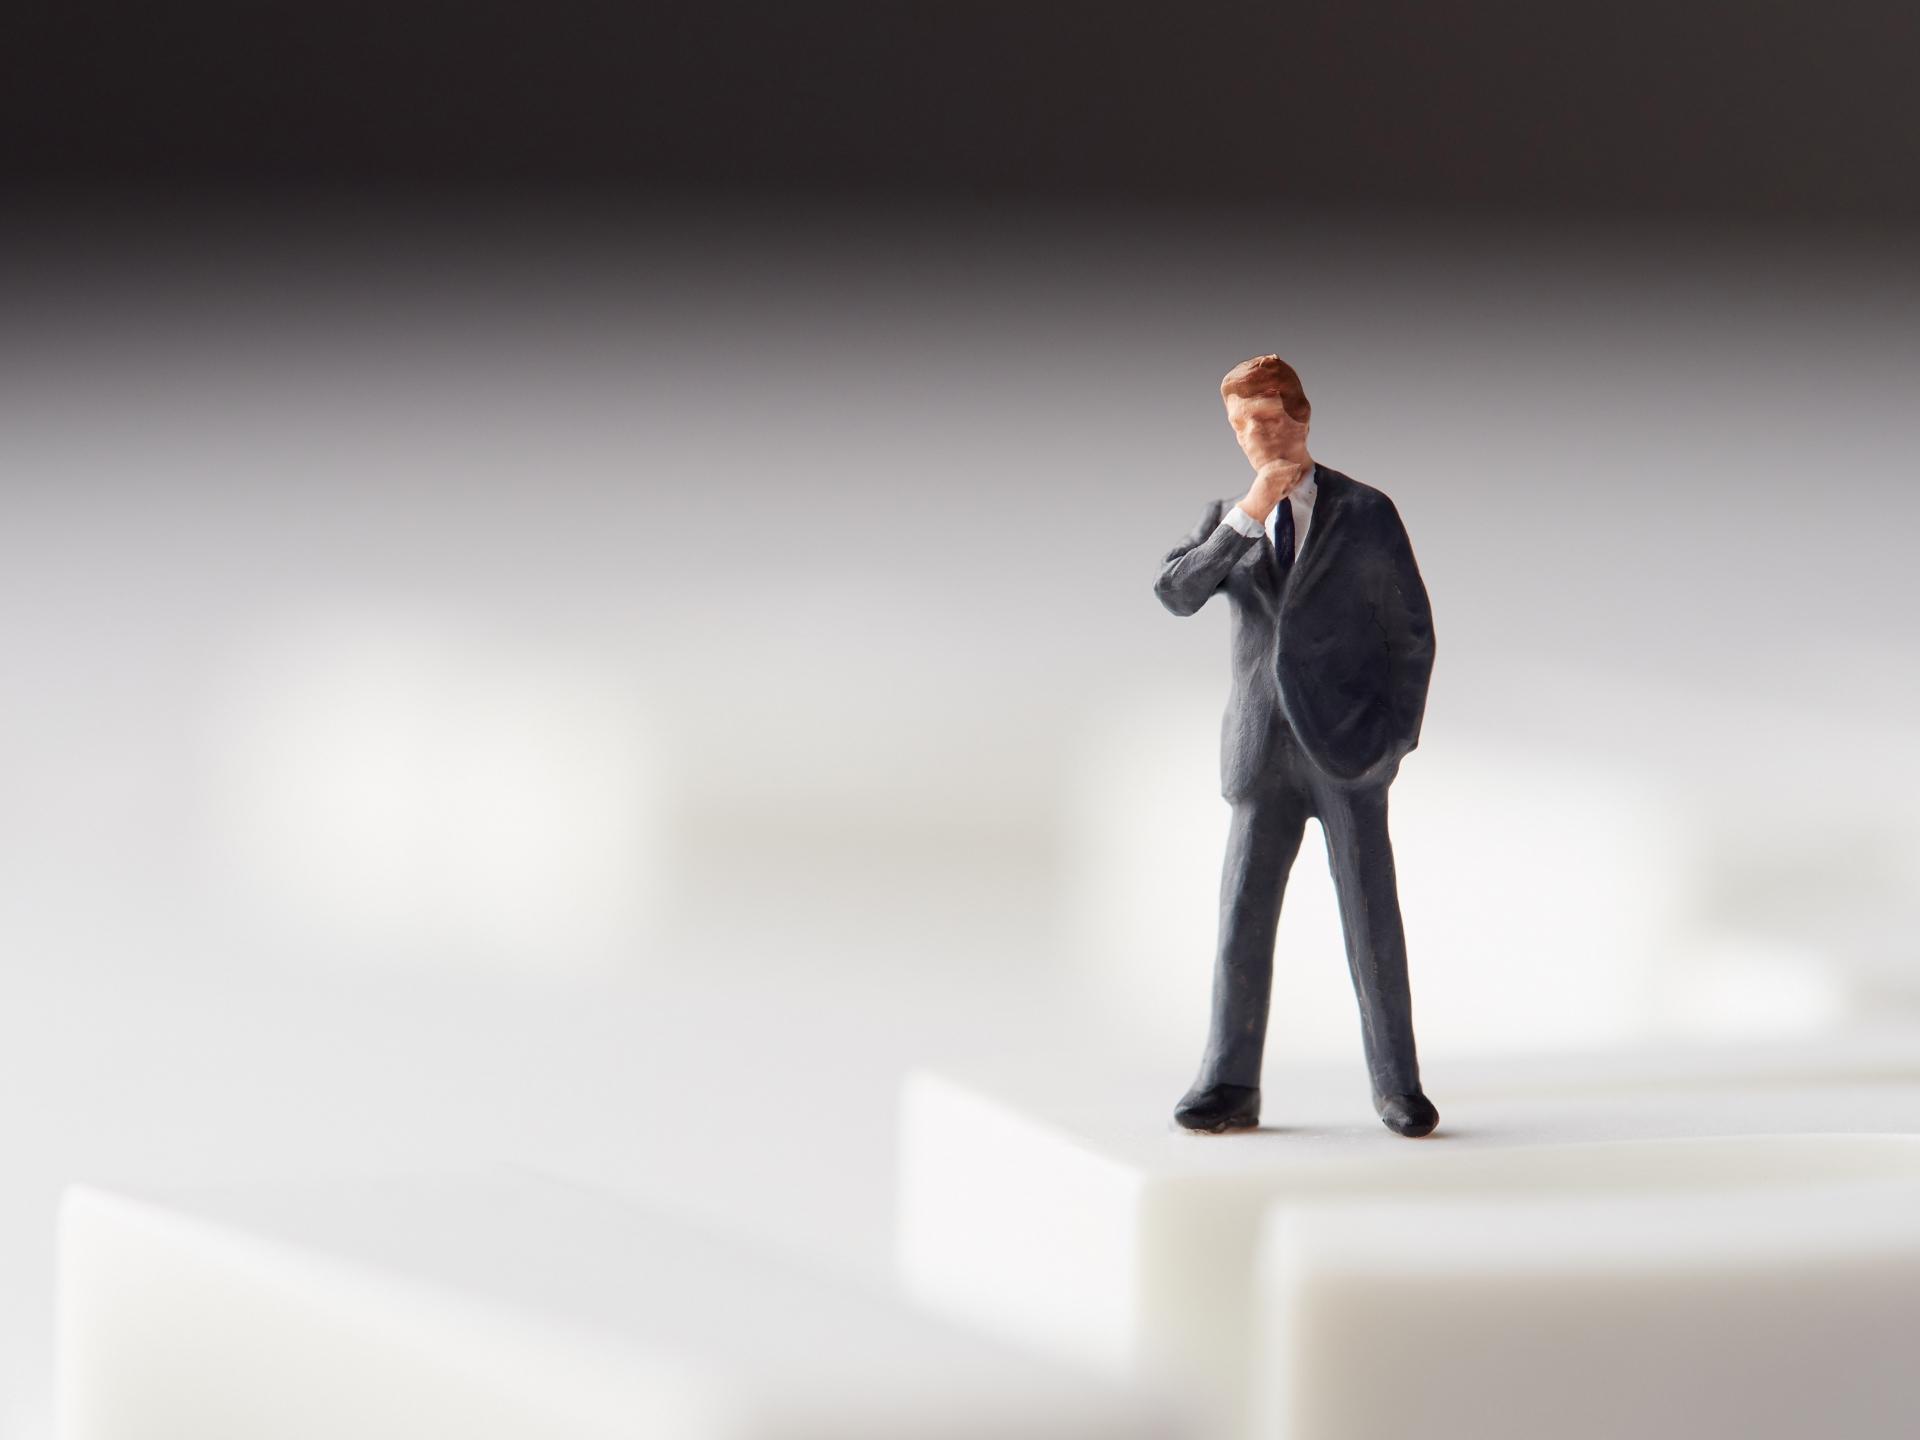 生産管理の仕事がきつい!激務と言われる理由を詳しく解説。